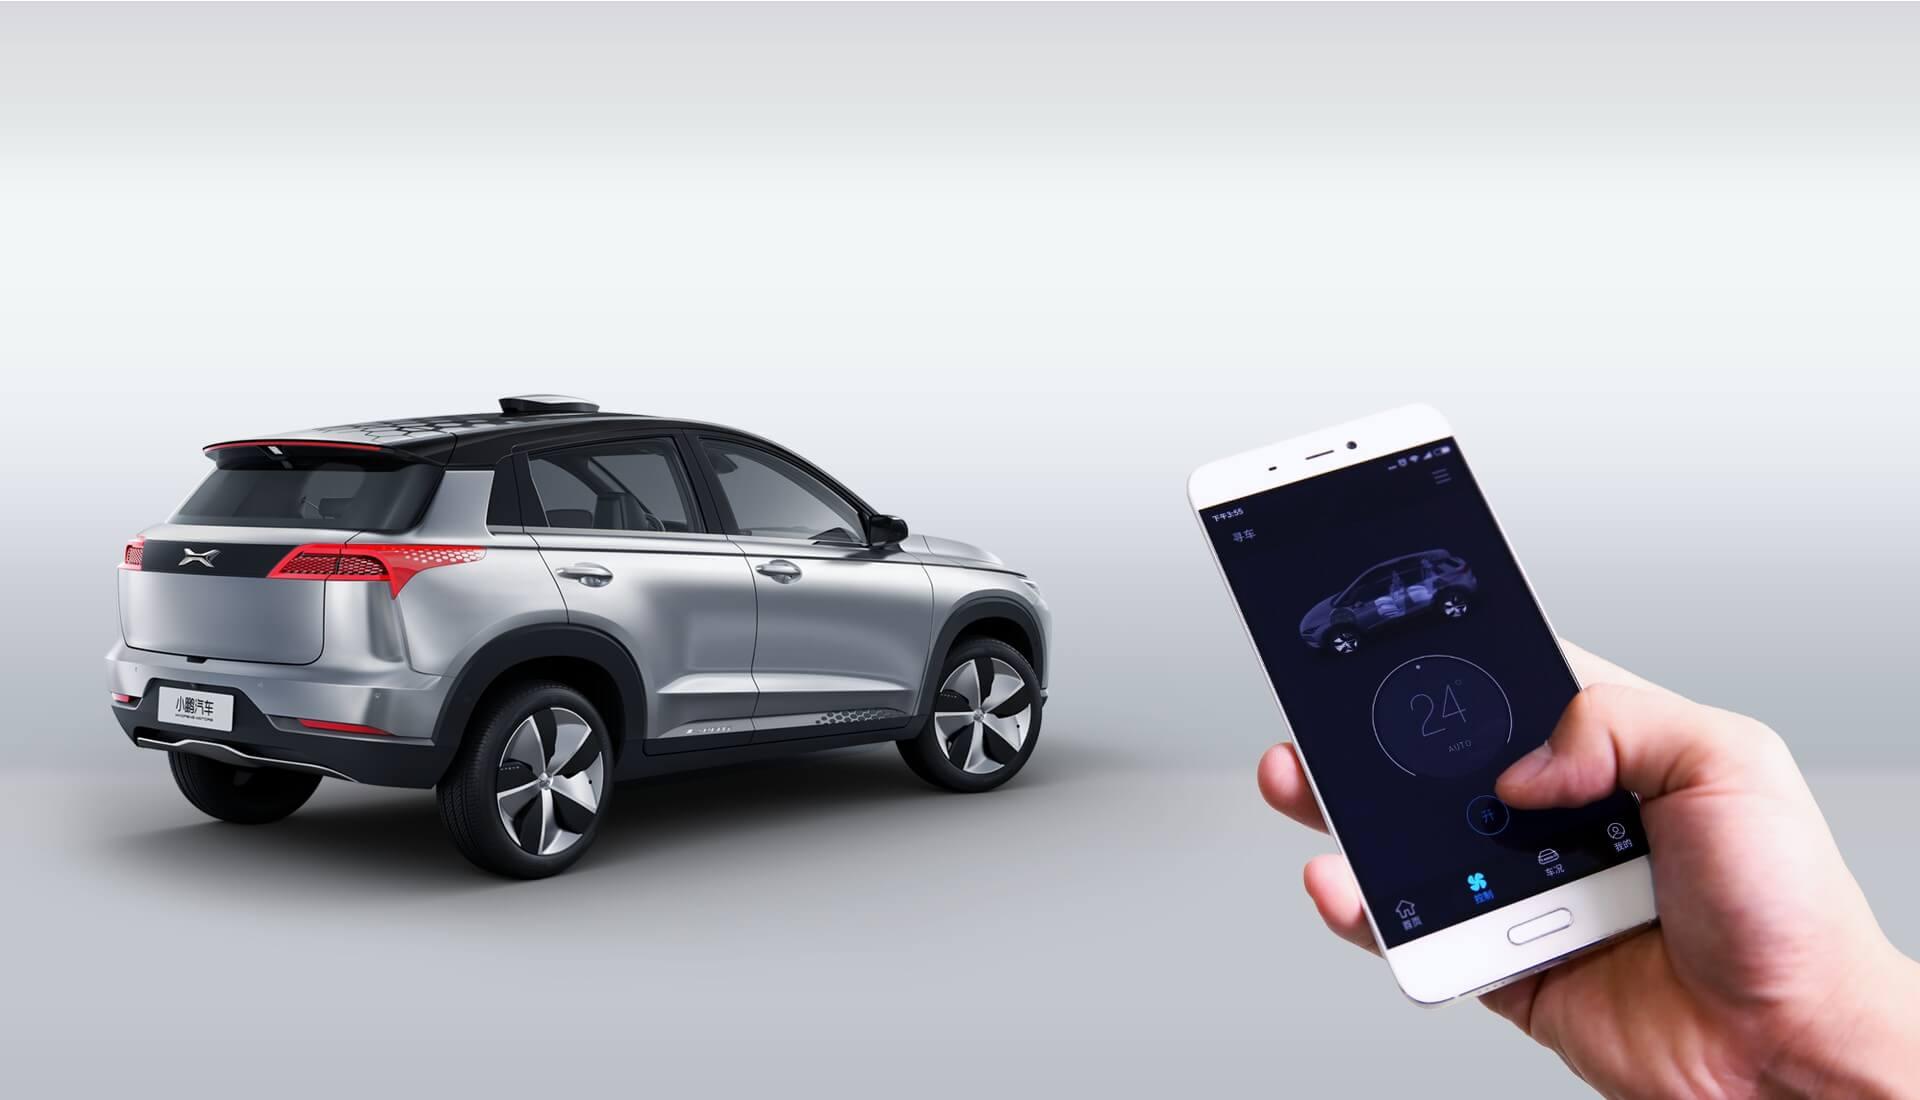 Приложение насмартфоне для управления электромобилем